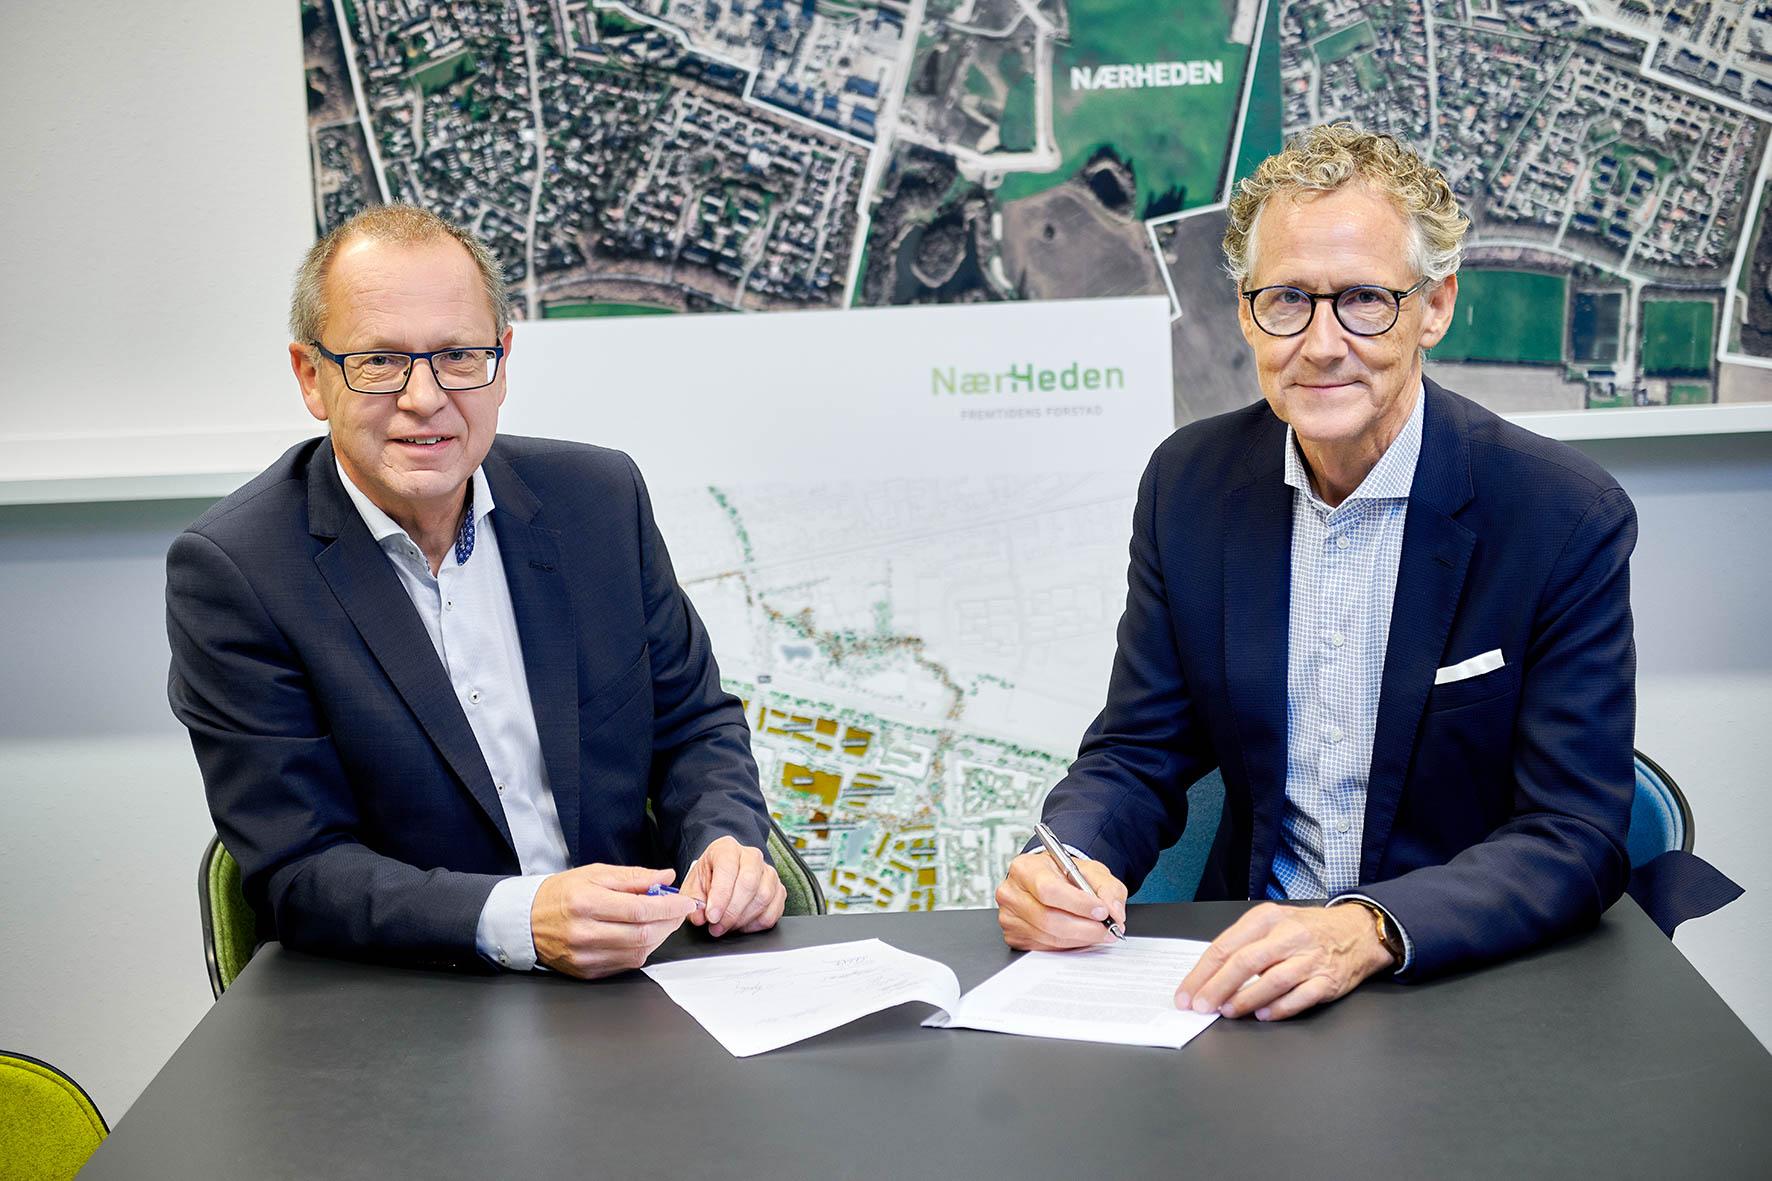 Hans-Bo Hyldig FB Gruppen - Ole Møller Nærheden